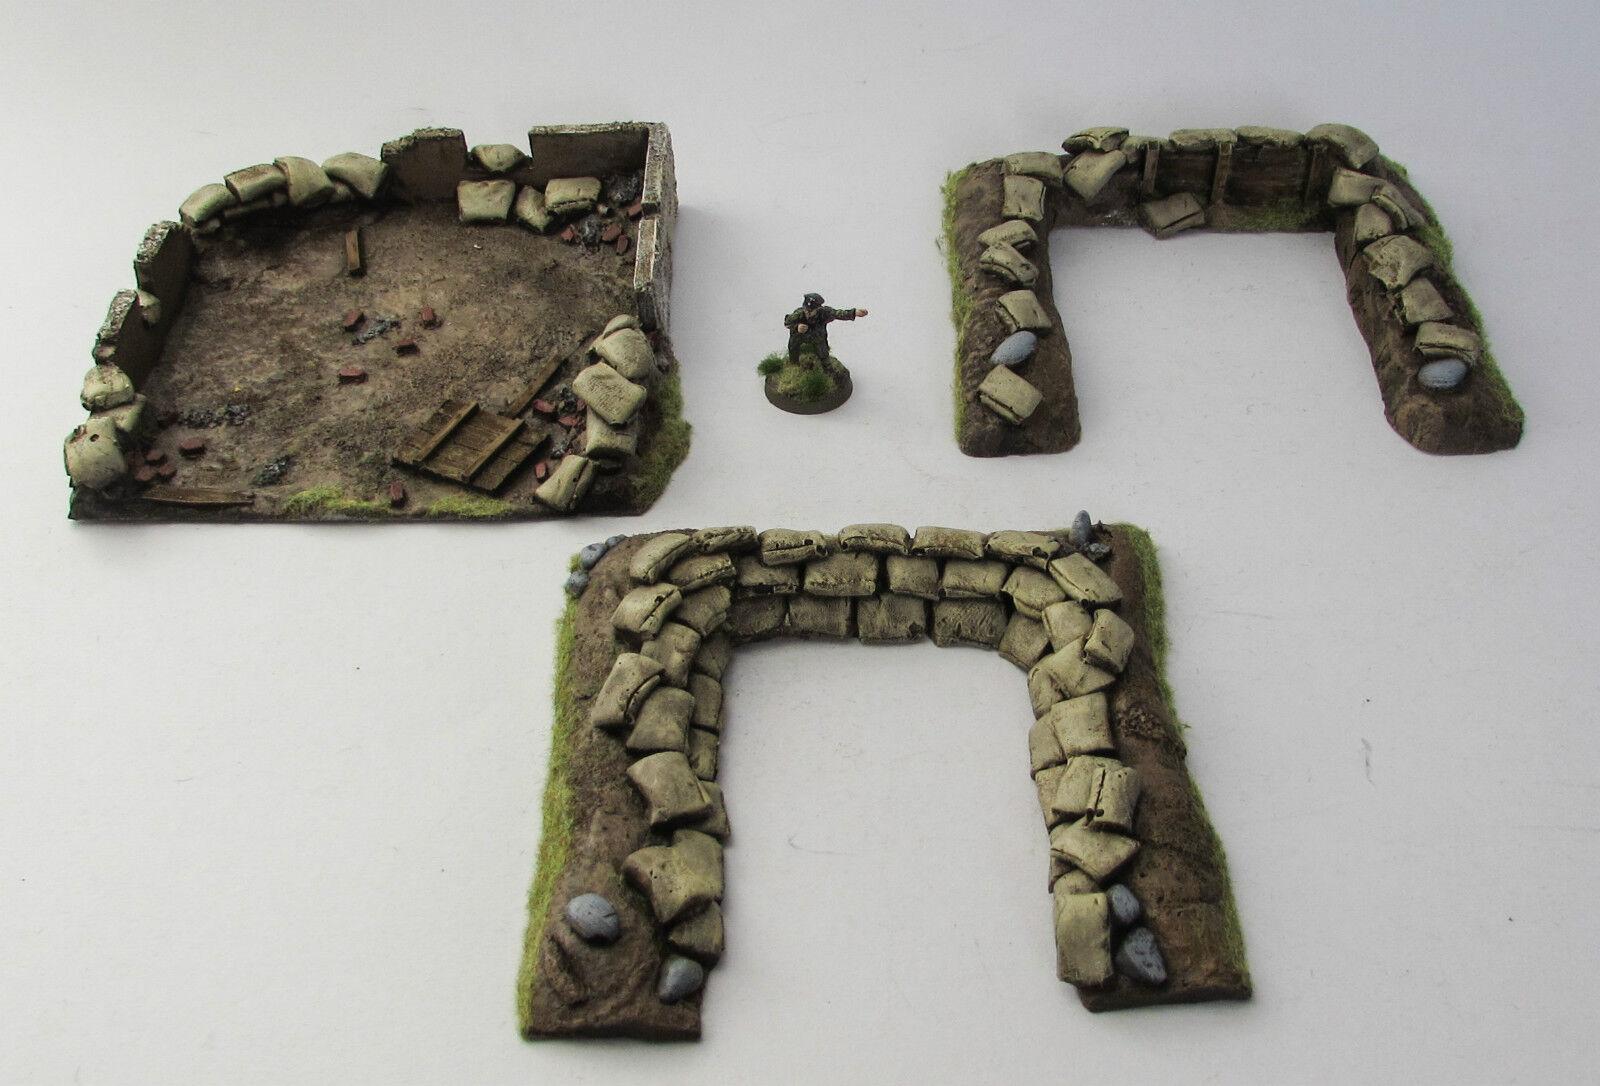 World War 2 Mandertory Miniatures resin 28mm Europe Emplacement set, Bolt Action